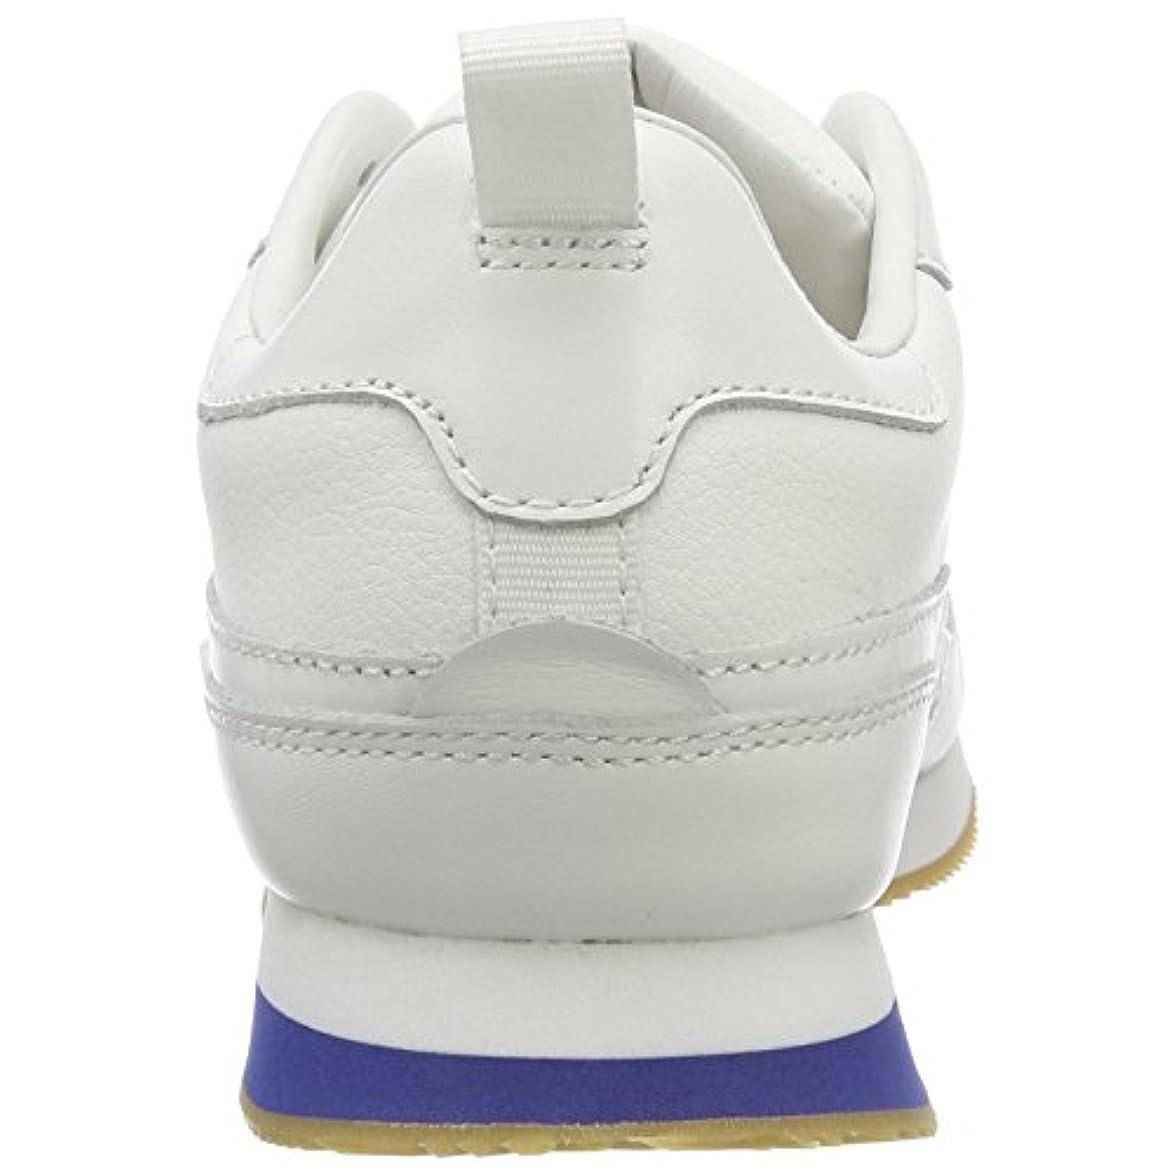 Hummel Eldorado Trainer Scarpe Da Ginnastica Basse Unisex-adulto Bianco white 43 Eu